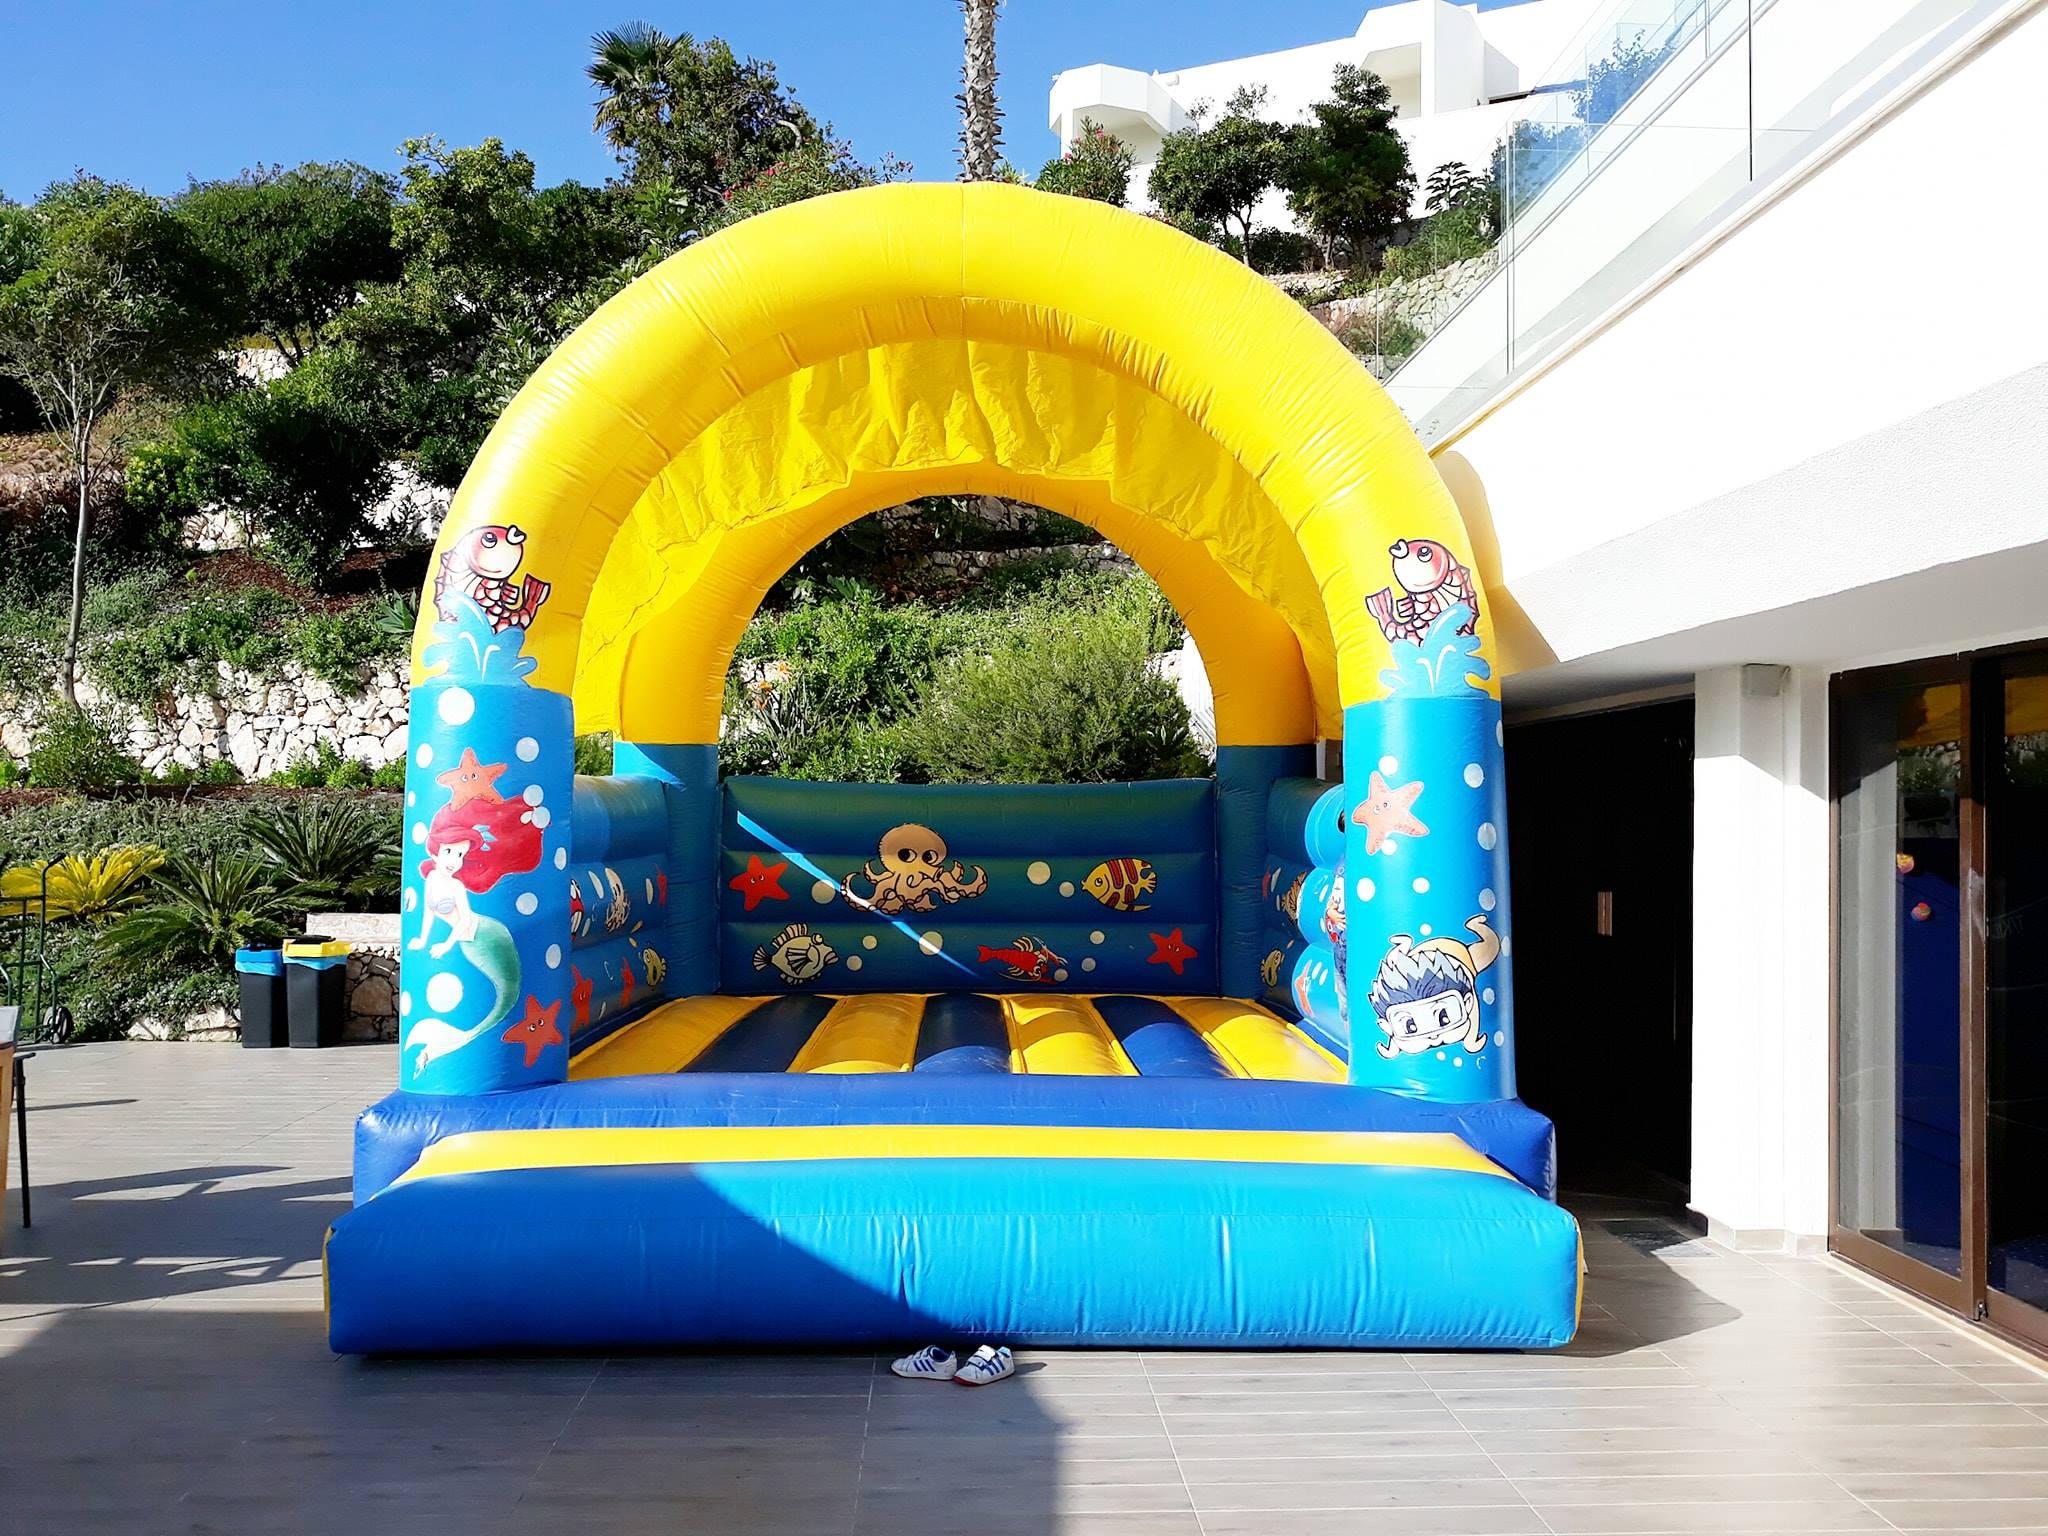 Insuflável Fundo do Mar | Aluguer de Insufláveis Oficina de Sonhos Algarve